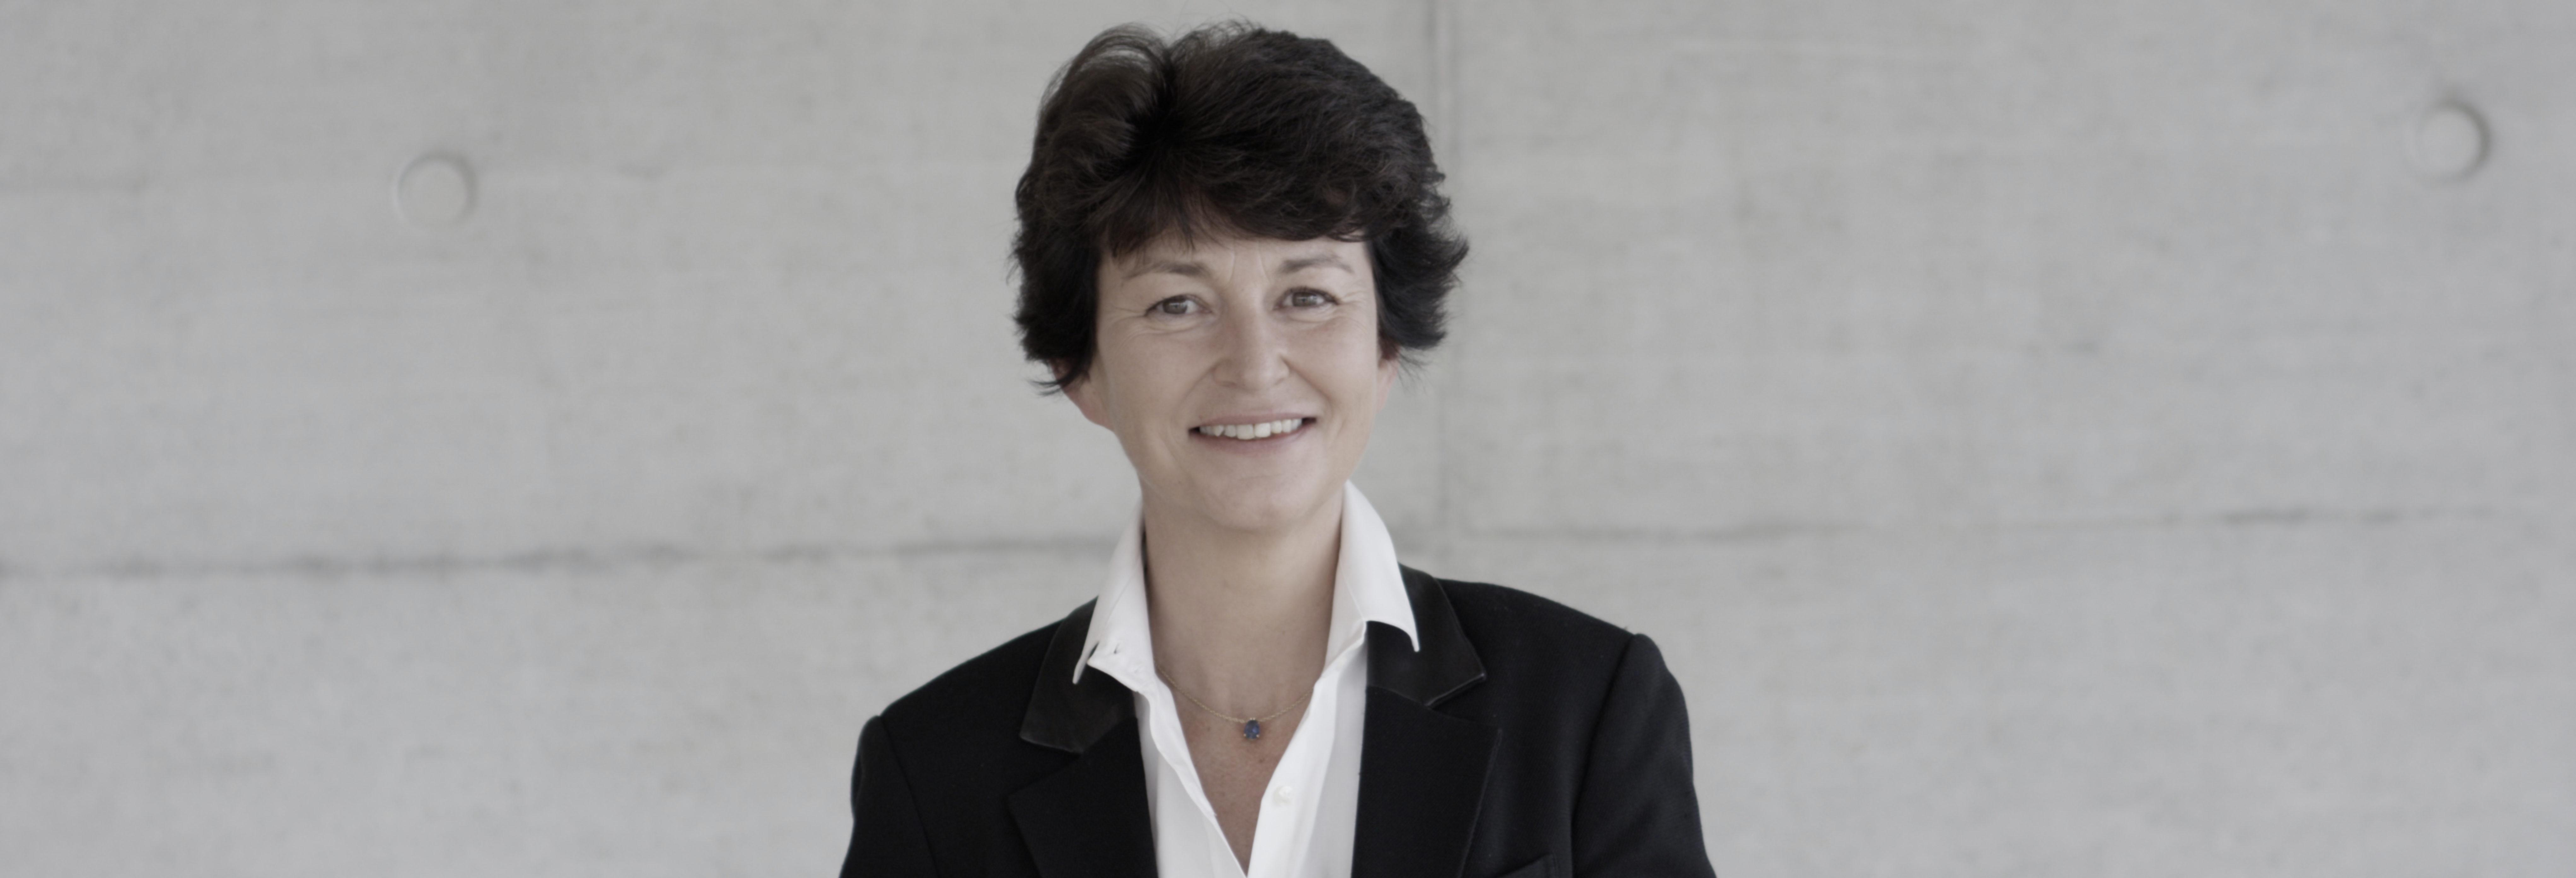 Karin Luger Trainerin/Beraterin Steinbeis